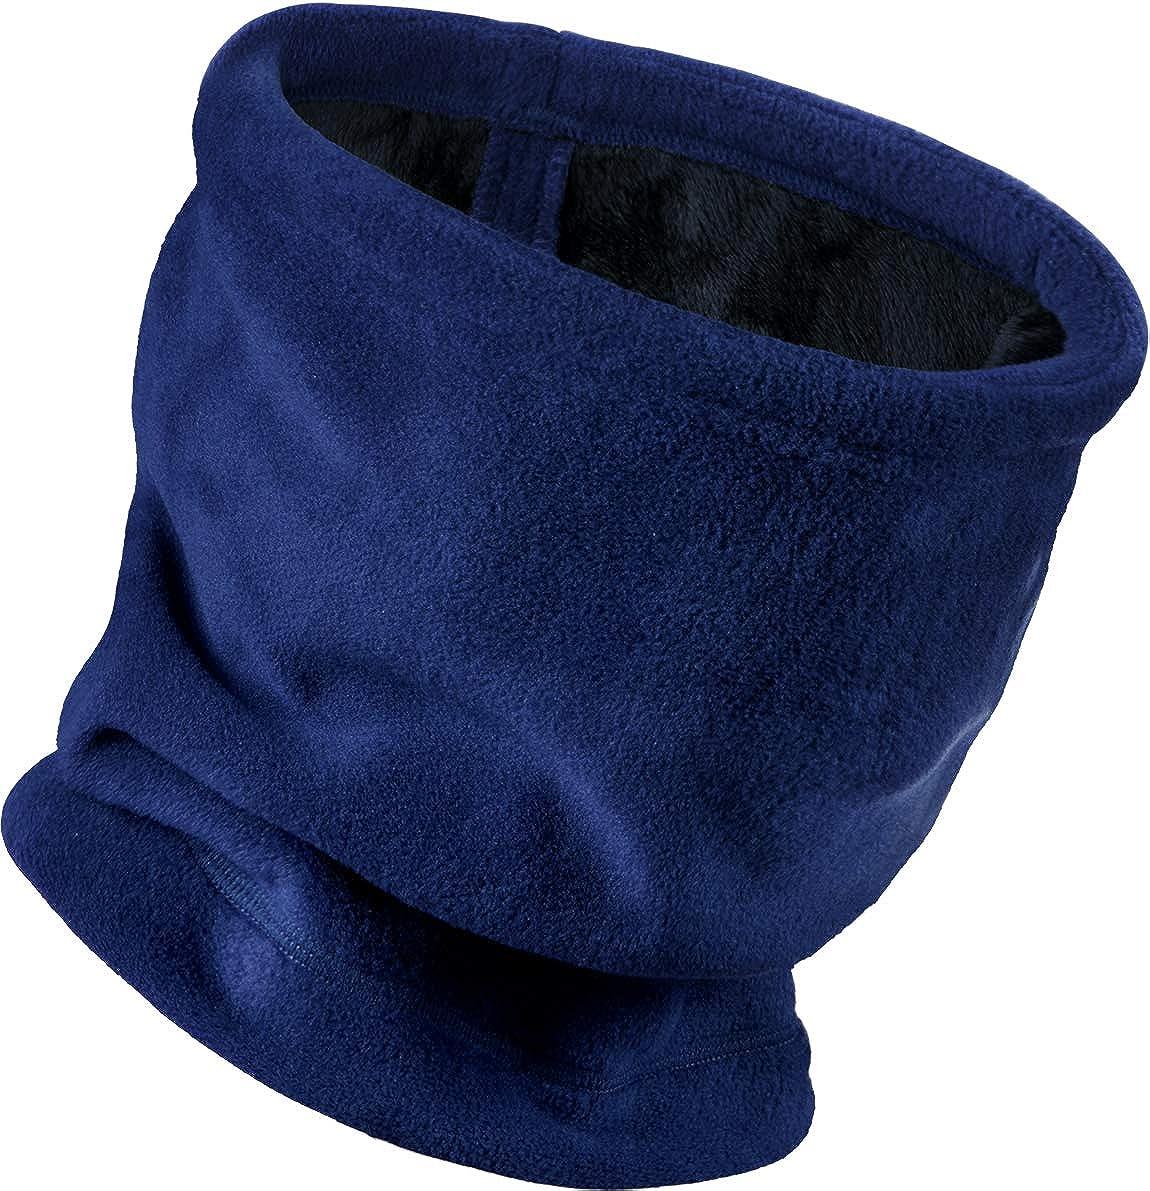 TSLA Winter Wear Warm Wind Resistant Beanie Fleece Unisex Neck Warmer